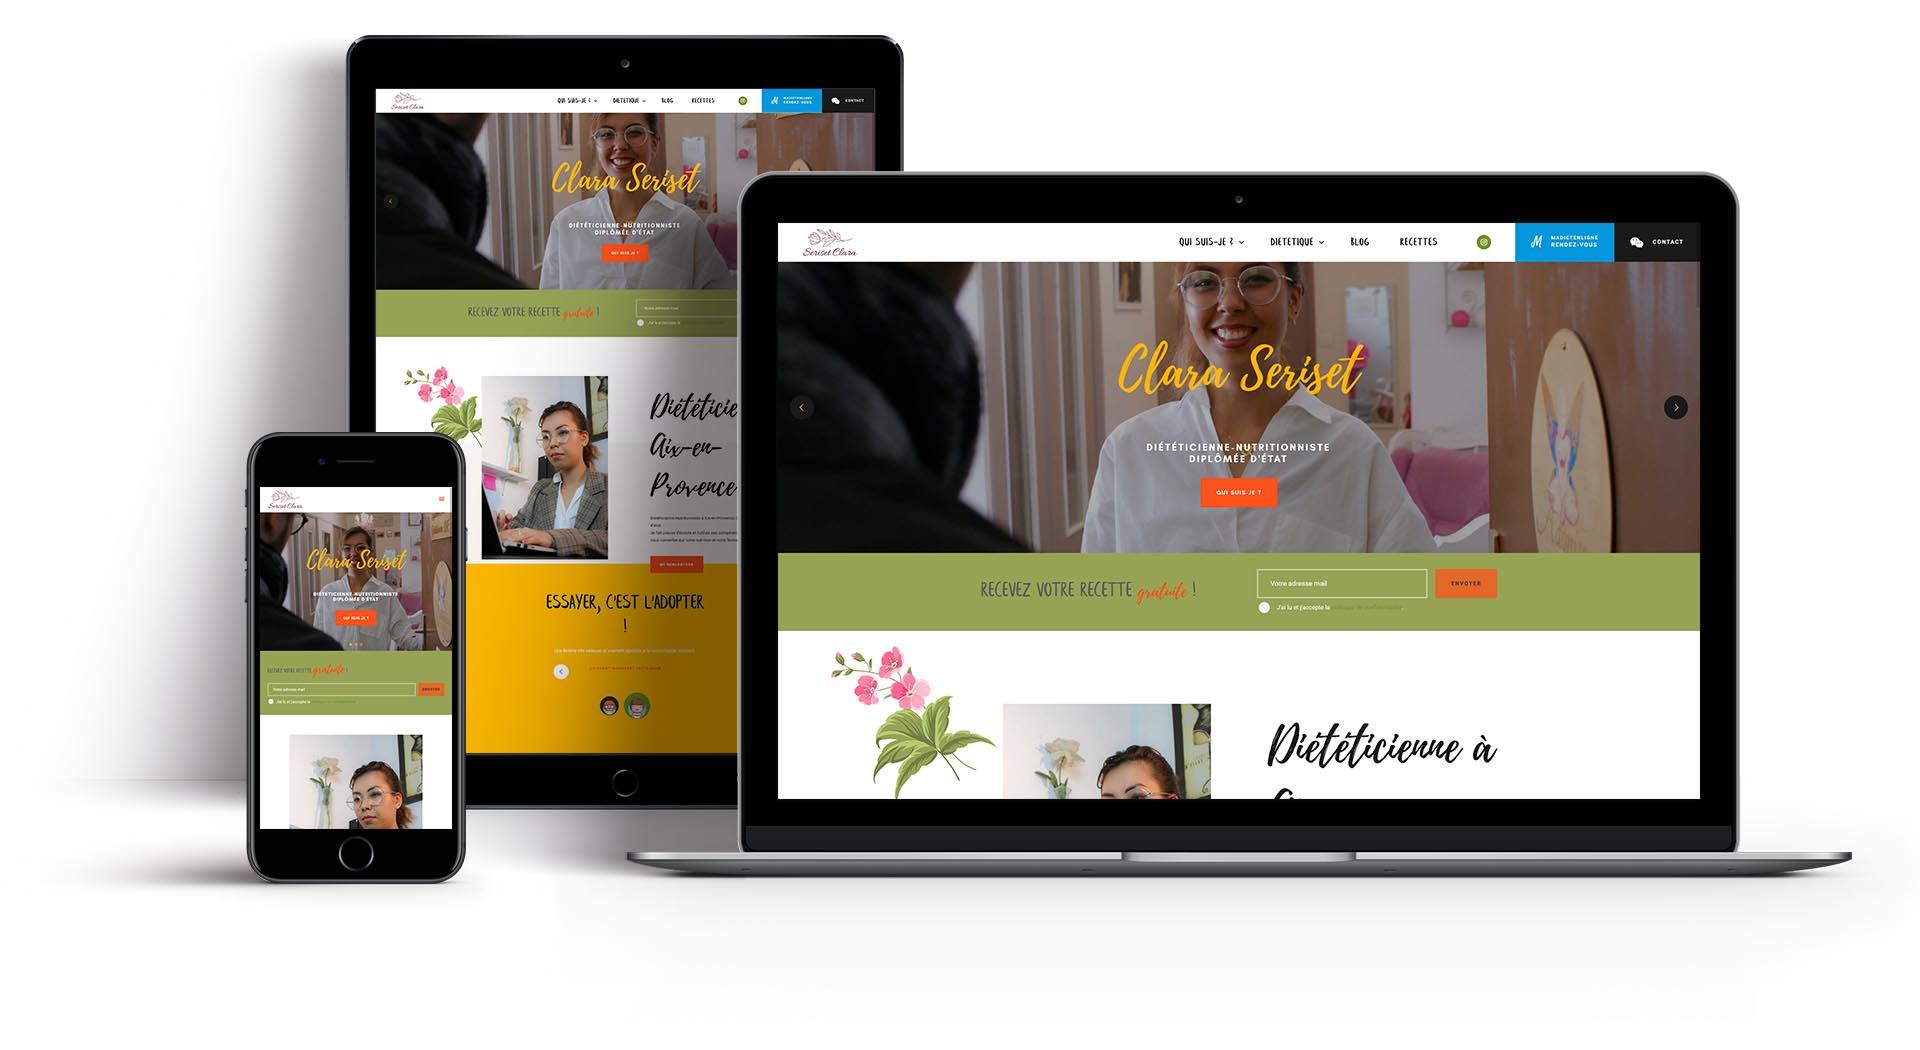 Mockup du site web de CS Dietetique